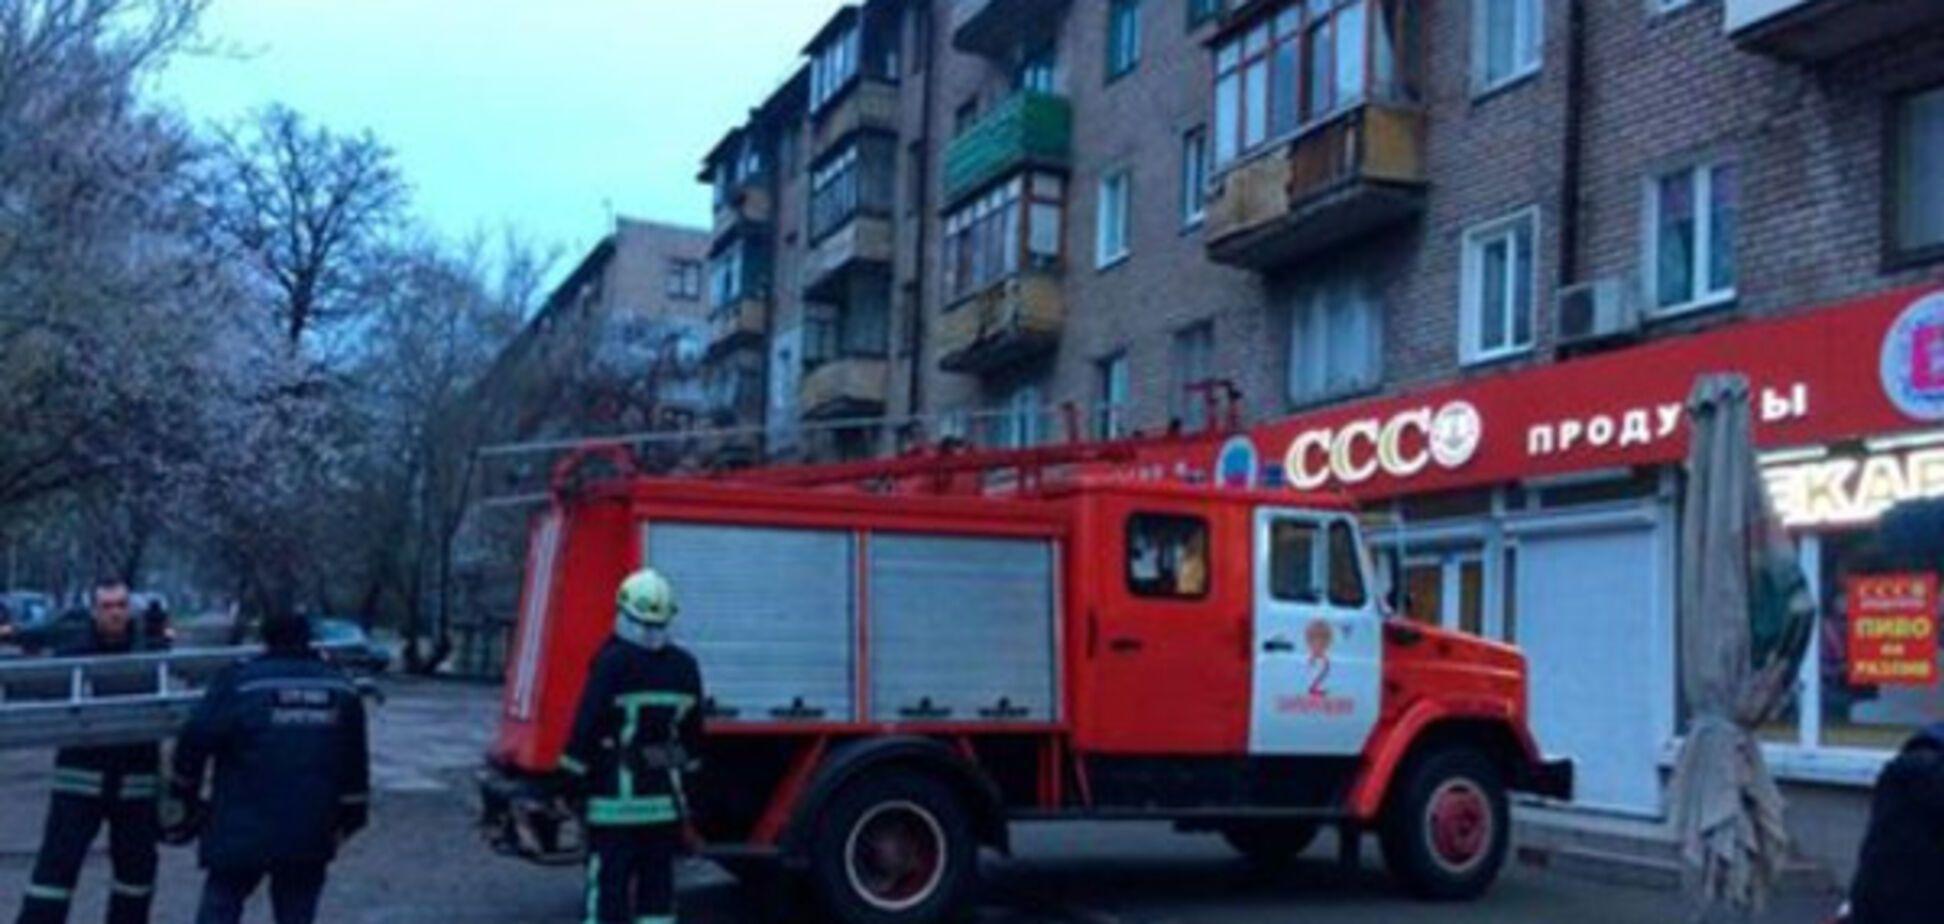 Слаженная работа: пожилую женщину от смерти спасли защитники города (ФОТО)